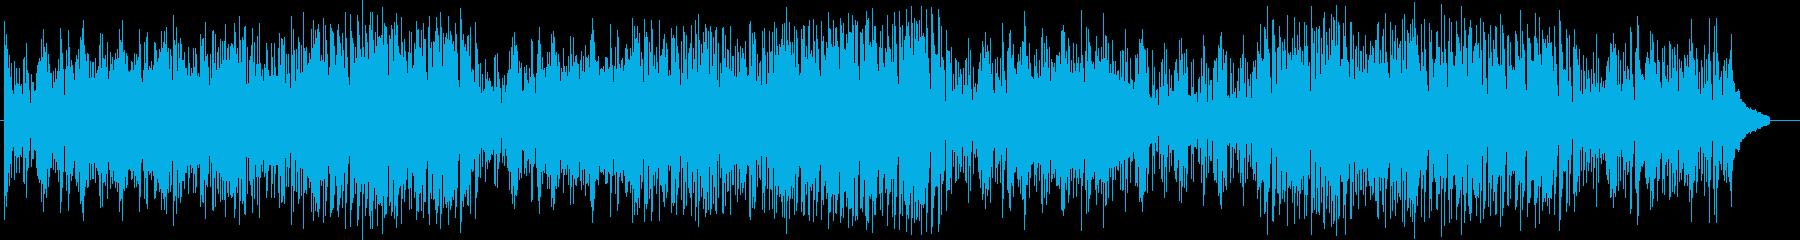 ドキドキ感とおしゃれなシンセサウンドの再生済みの波形